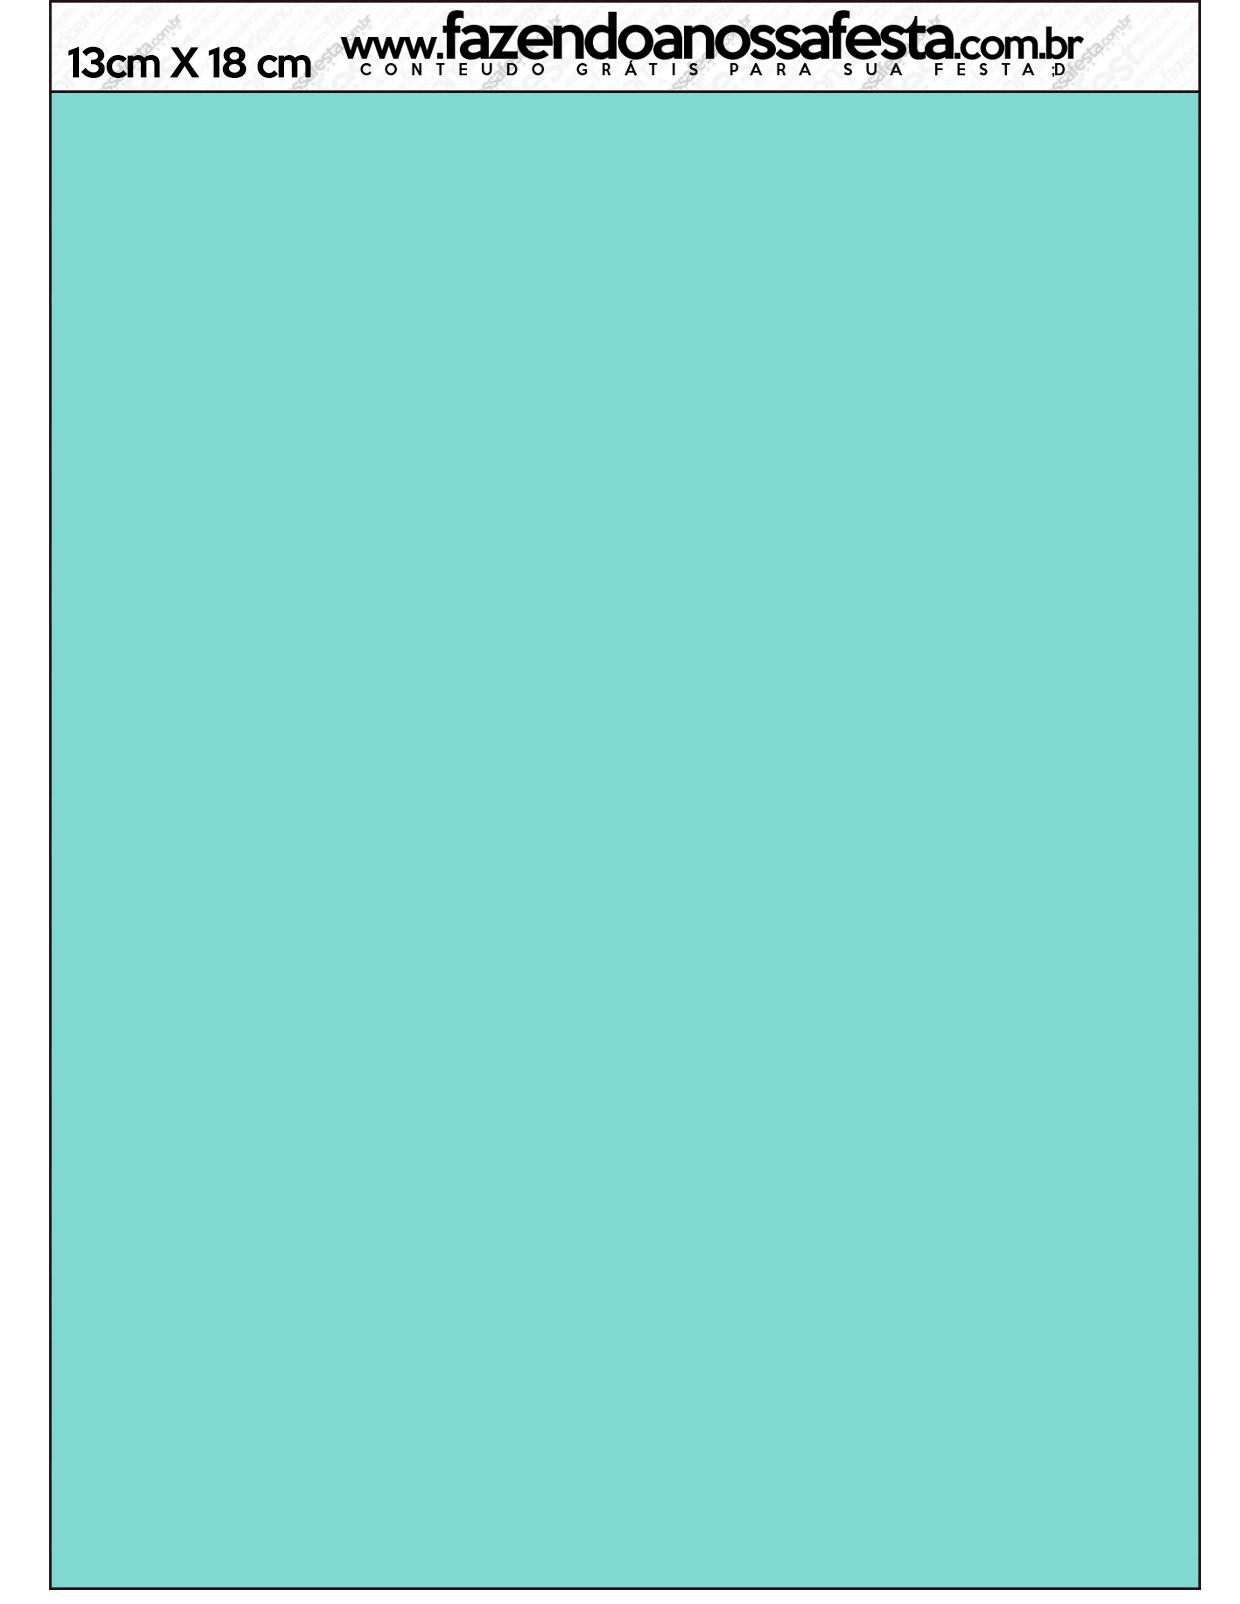 Kit Azul Tiffany Fazendo A Nossa Festa 12 Jpg Car Interior Design #2F9C92 1240 1604